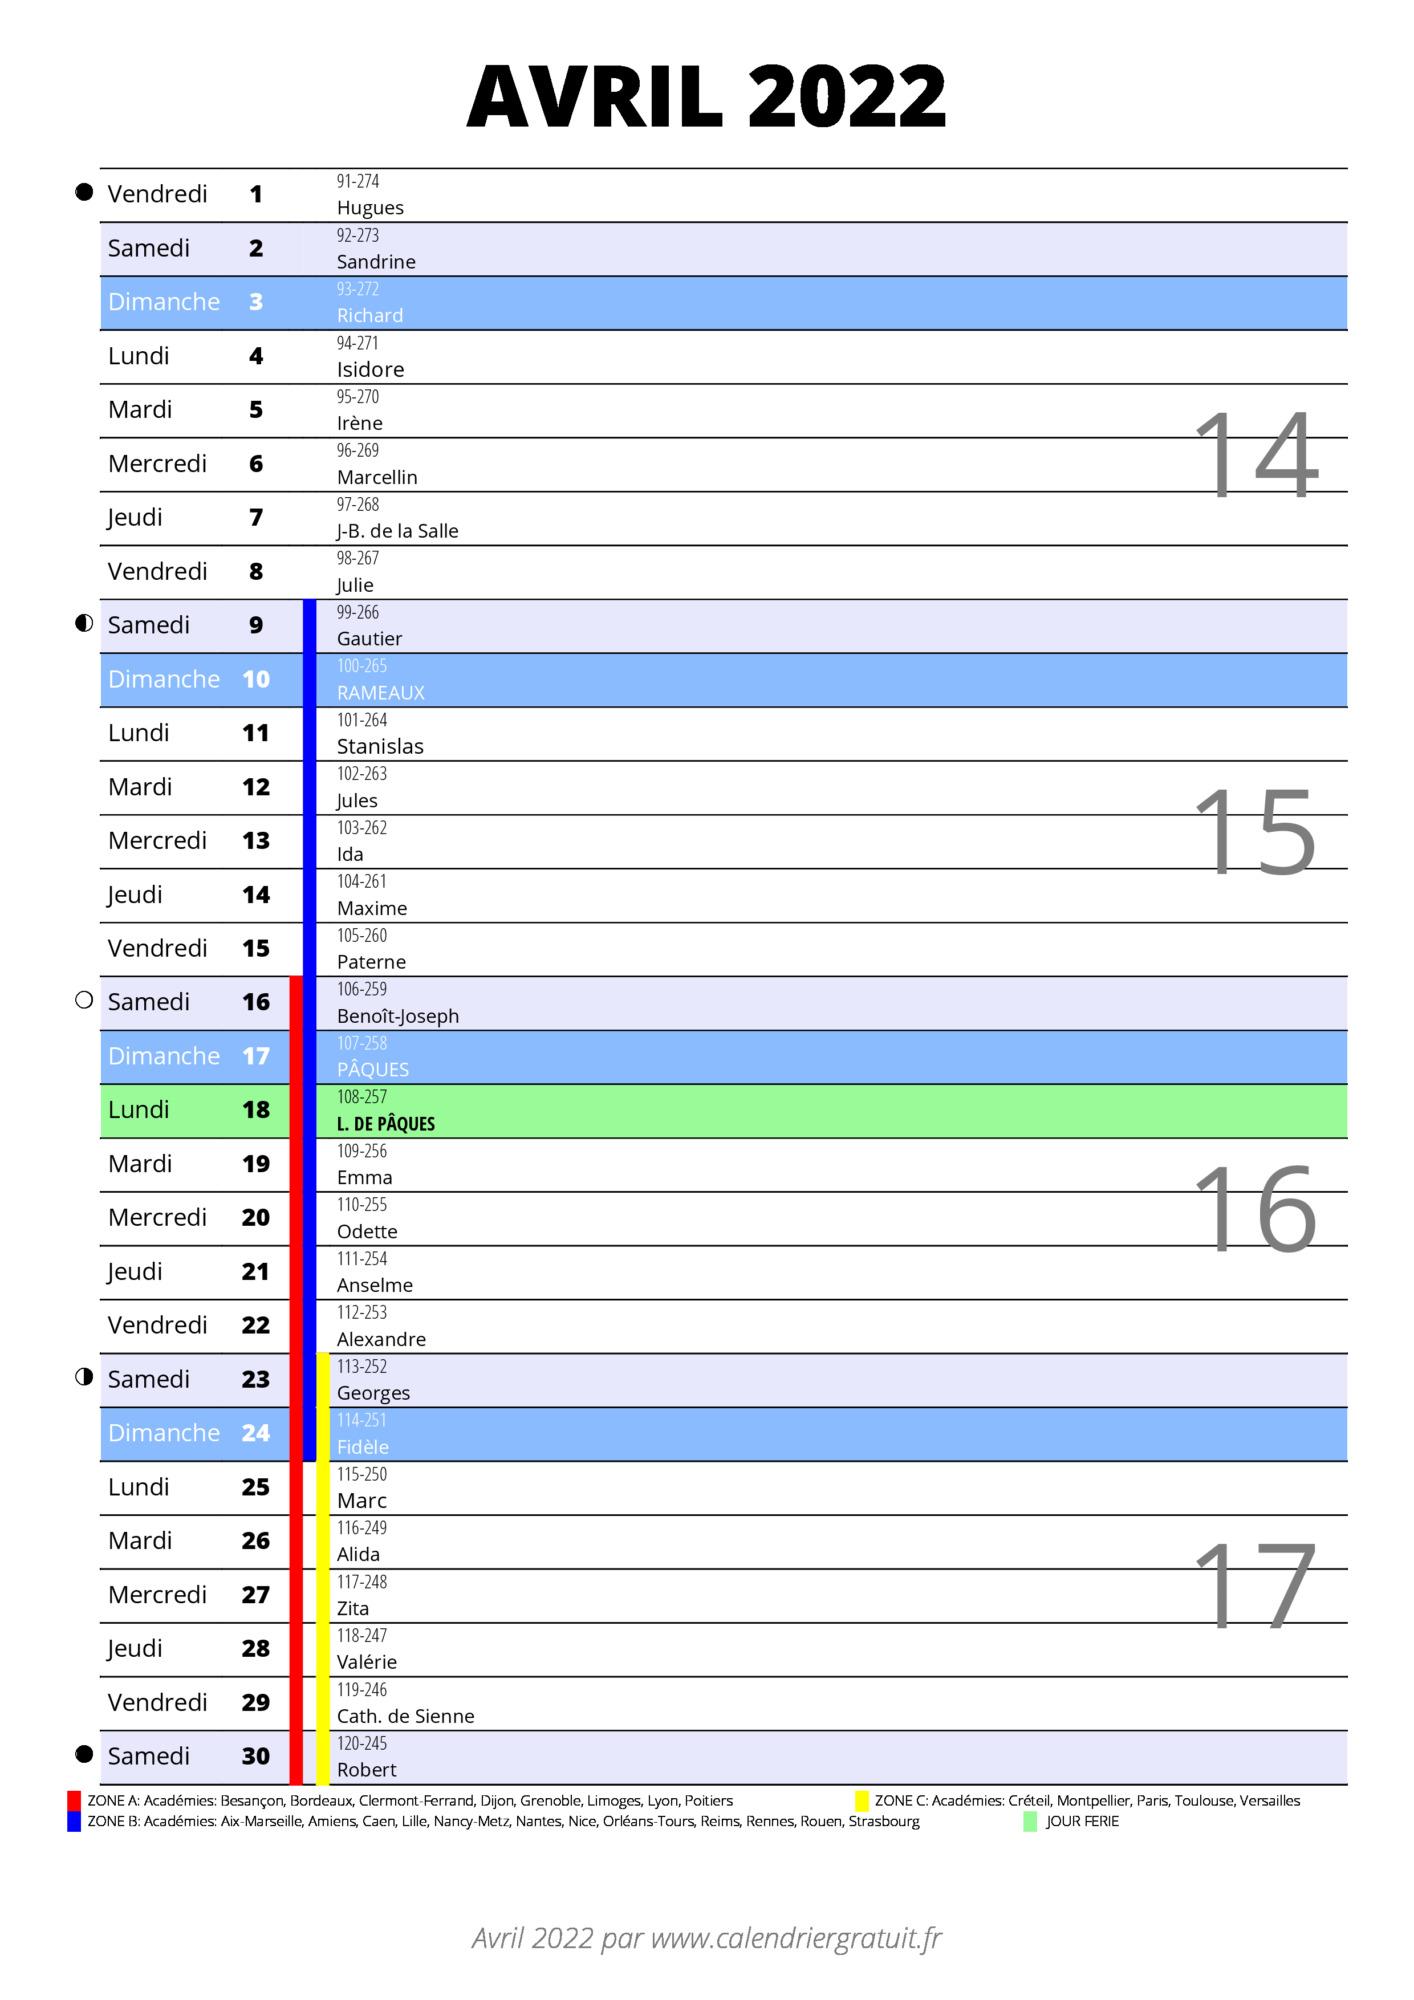 Calendrier Avril 2022 Pdf calendrier avril 2022